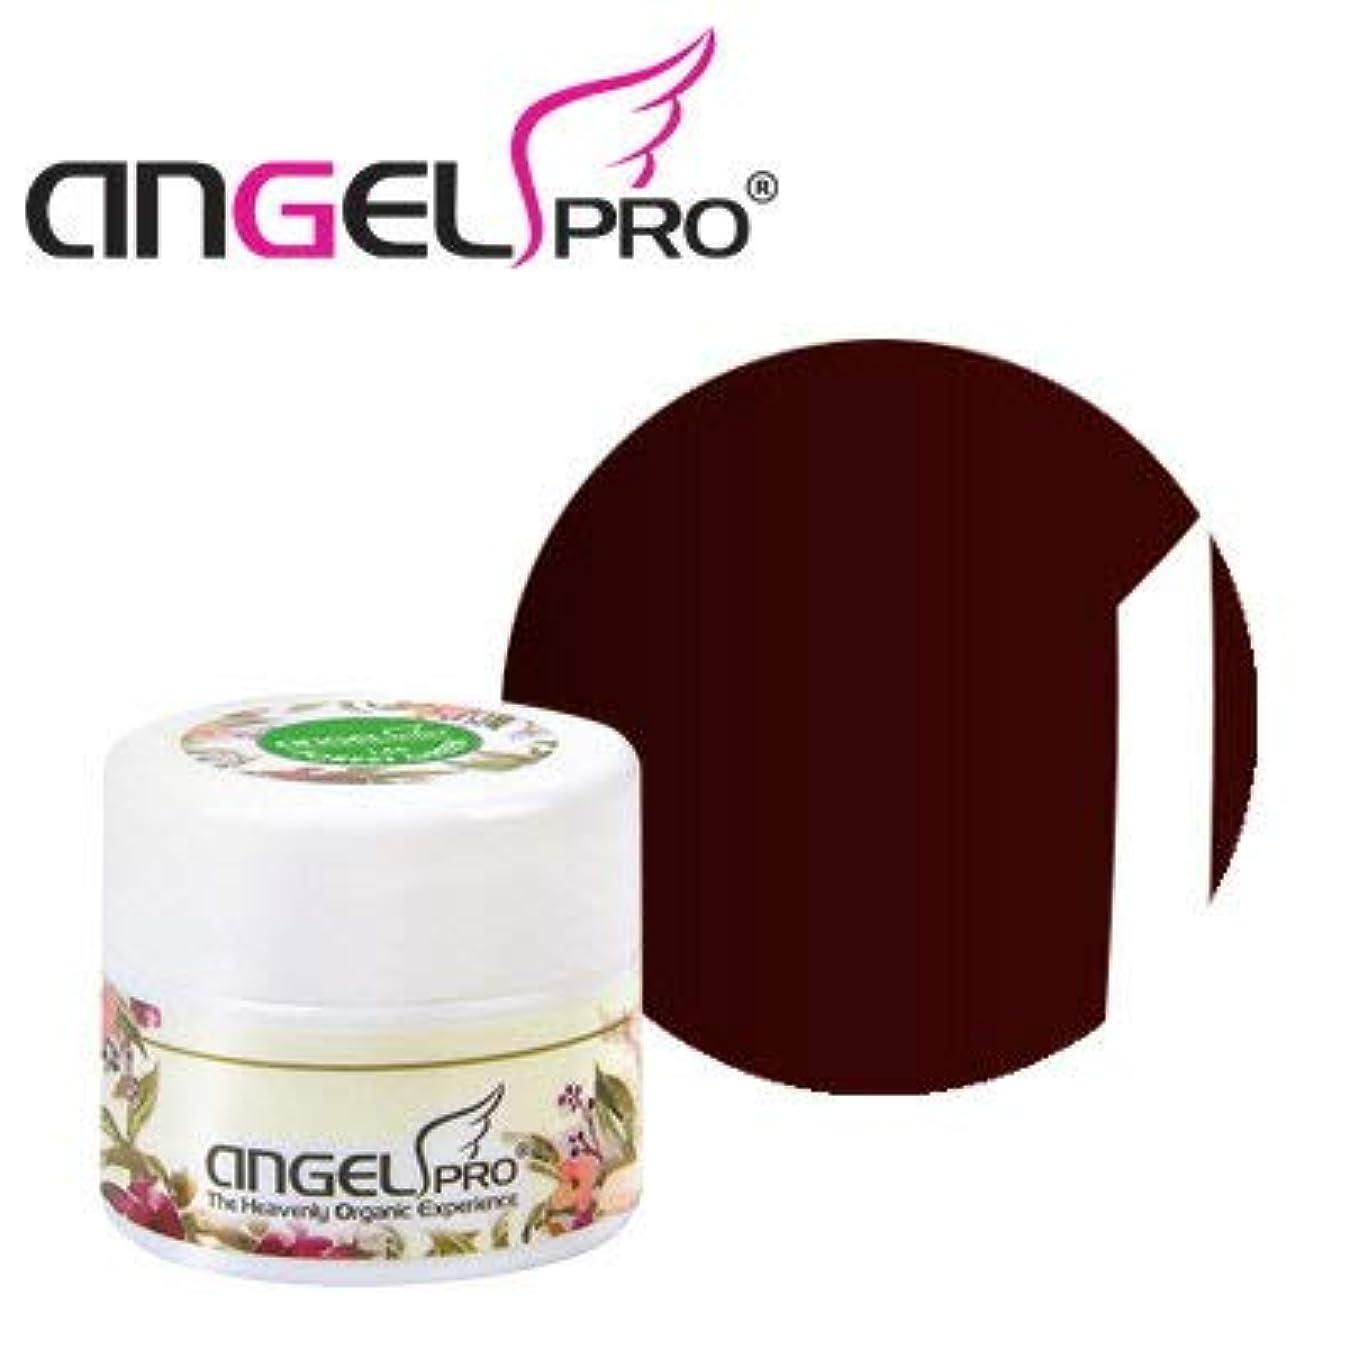 ANGEL PRO ポットジェリー #30 CHOCOLATE TRUFFLES 4g